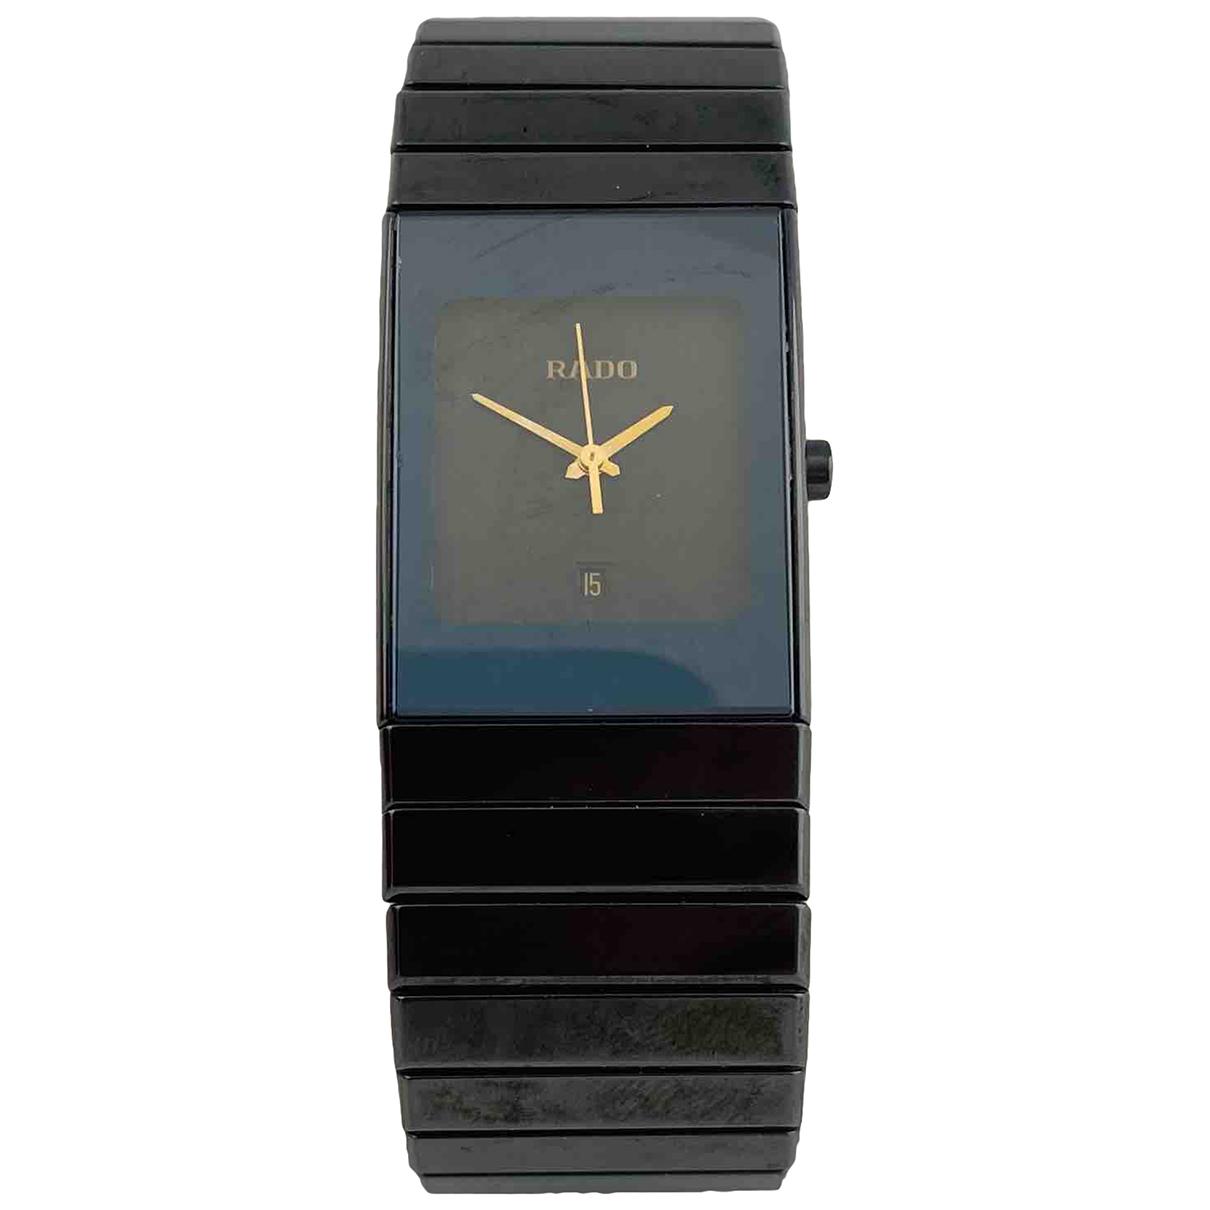 Rado N Black Ceramic watch for Men N